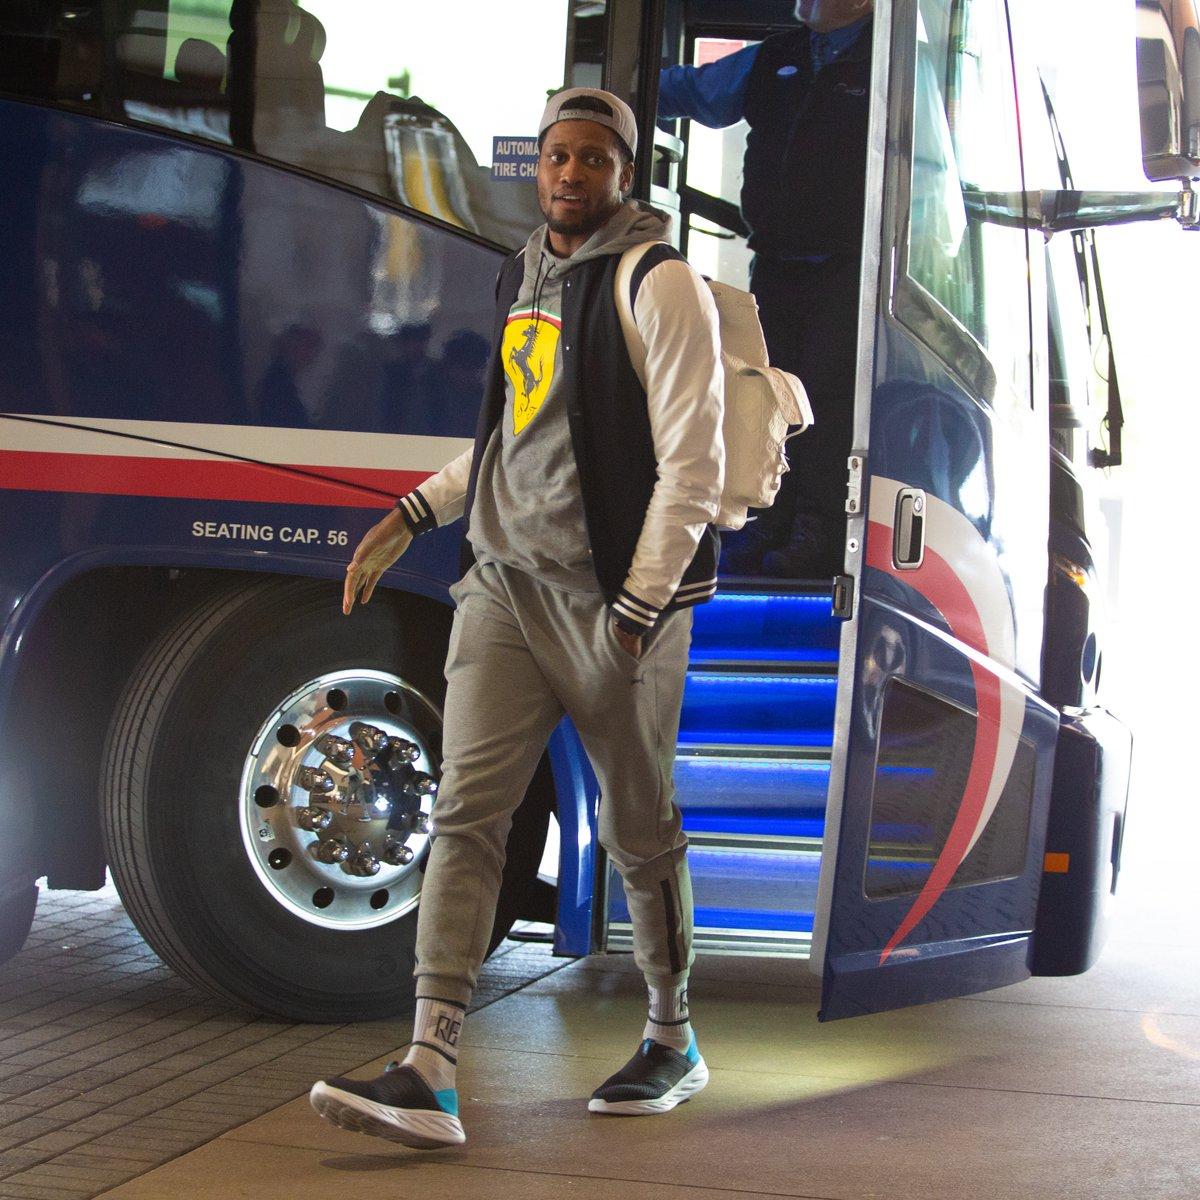 开启季后赛之旅!马刺众将抵达丹佛 NBA新闻 第4张